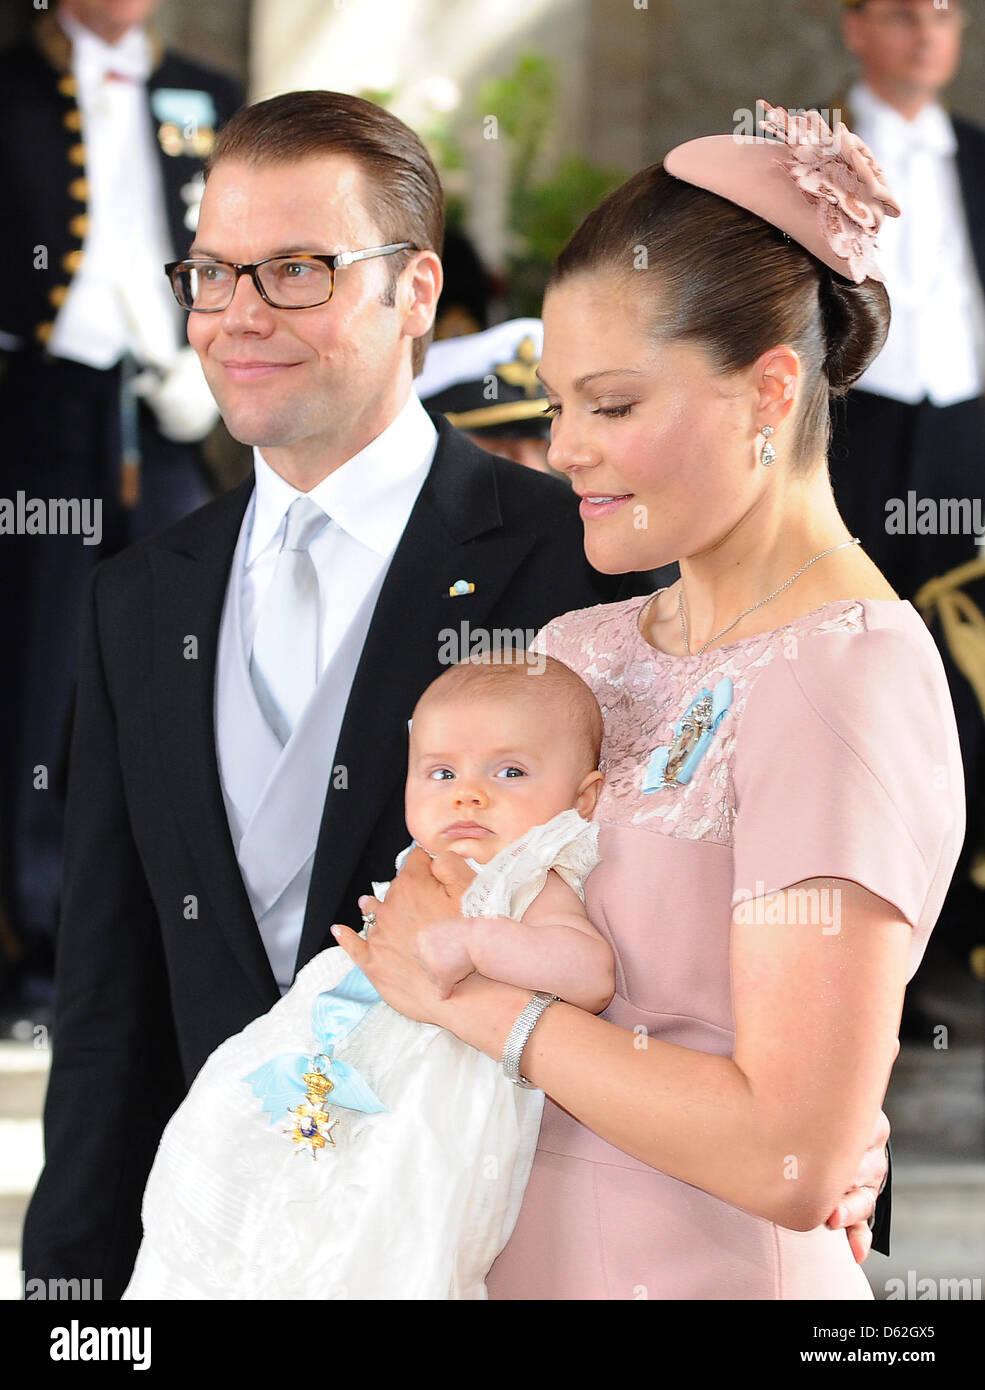 Details about  /RARE POSTCARD CROWNPRINCESSCOUPLE PRINCESS ESTELLE CHRISTENING SWEDEN MAY 2012